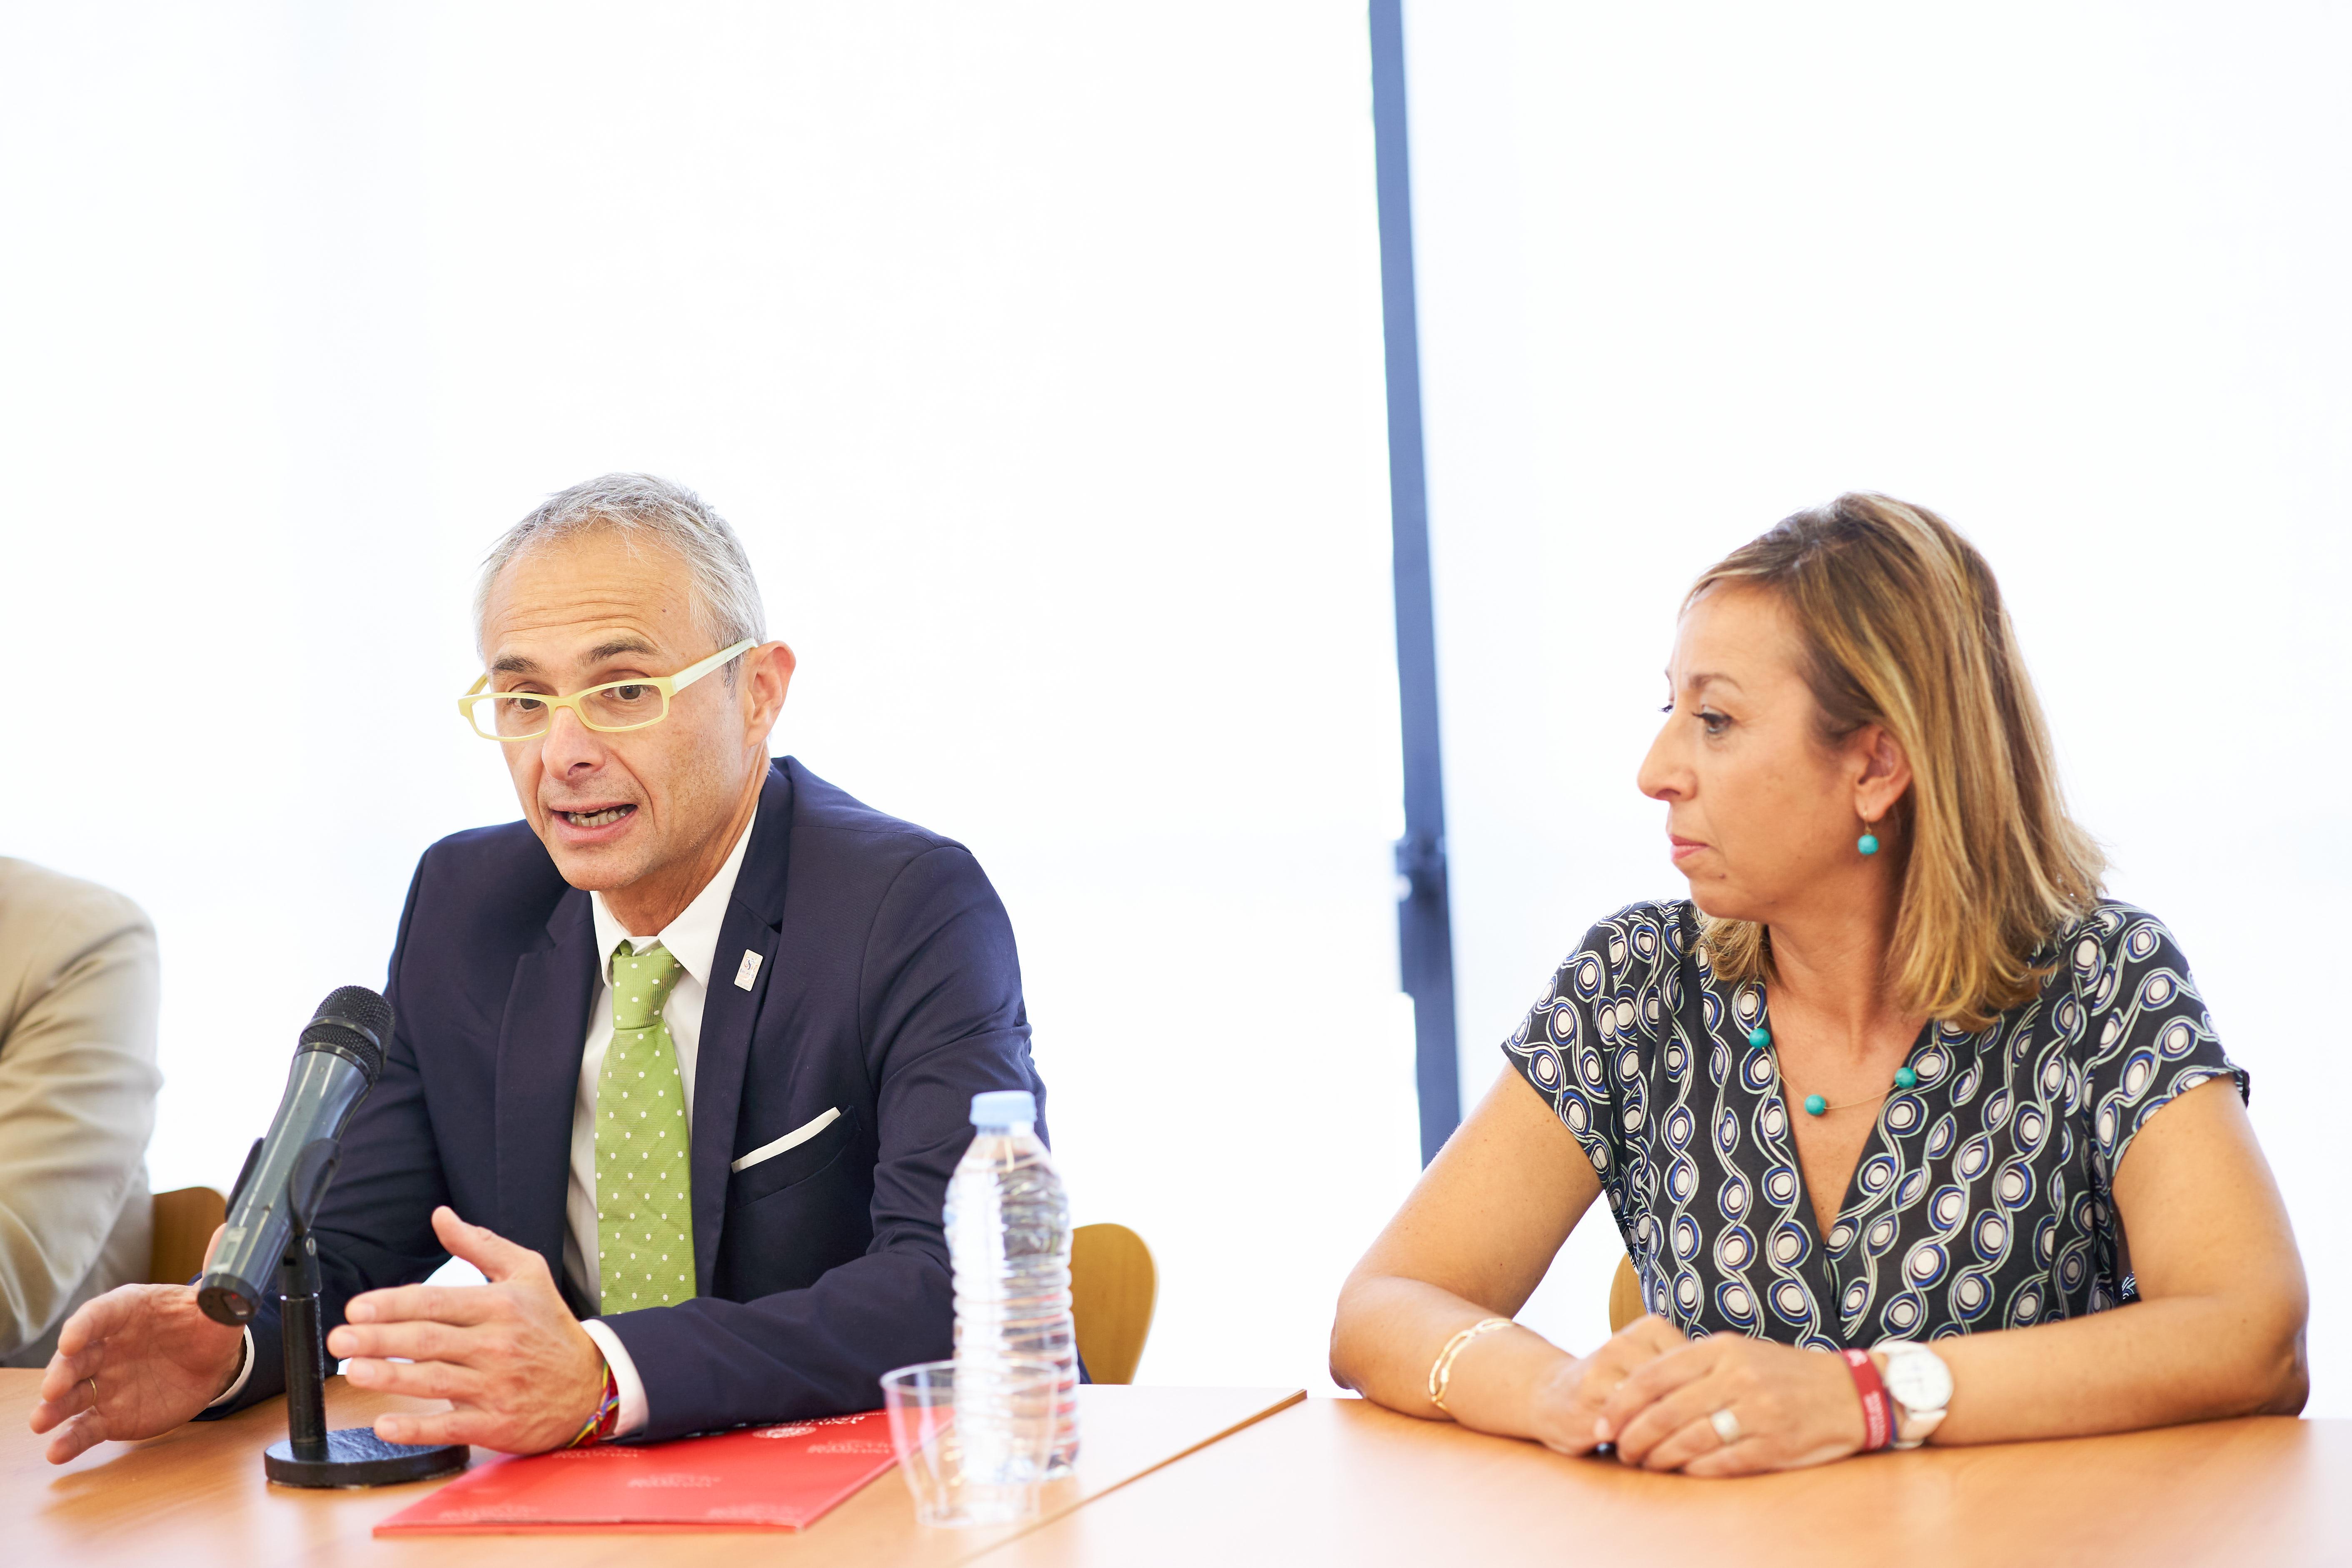 El rector y el presidente de la Diputación presentan los resultados de la III convocatoria de los proyectos de investigación orientados al sector primario 0011.jpg